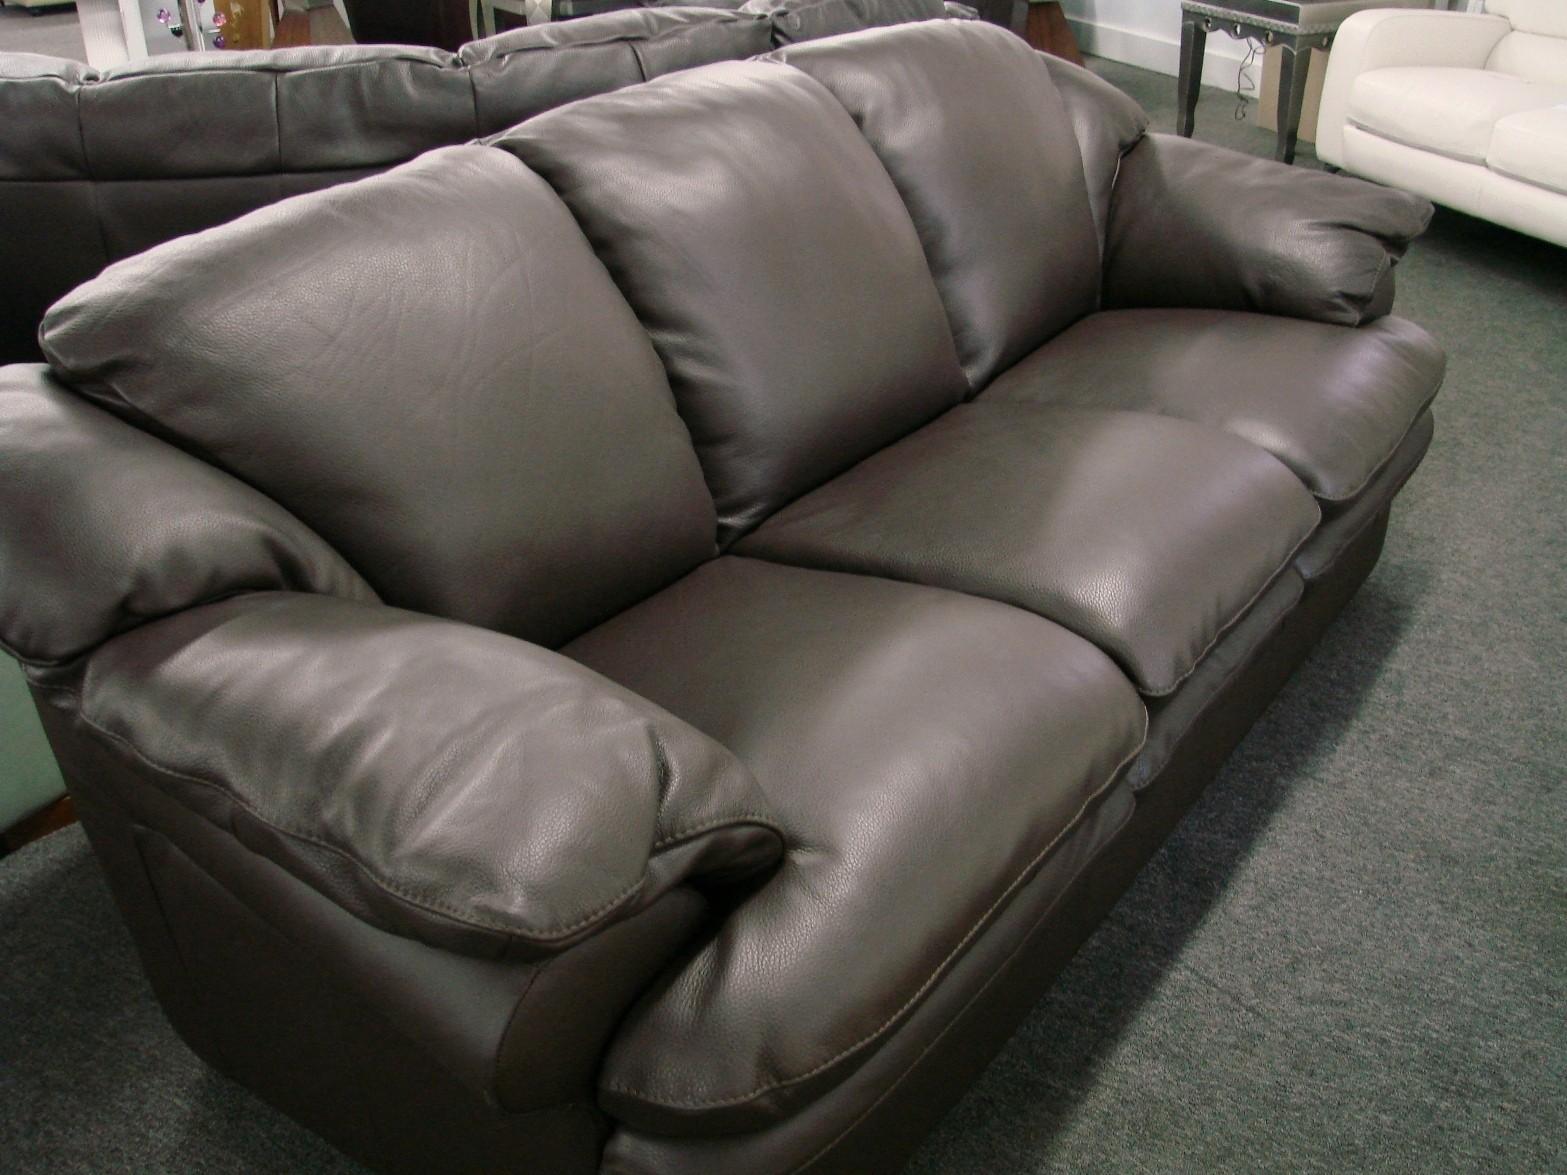 http://3.bp.blogspot.com/_oYyiIpOiaBE/TAKapsn4IzI/AAAAAAAAAUM/t0eOh7k1CmQ/s1600/natuzzi_%20a845%20_leather-Sofa.jpg